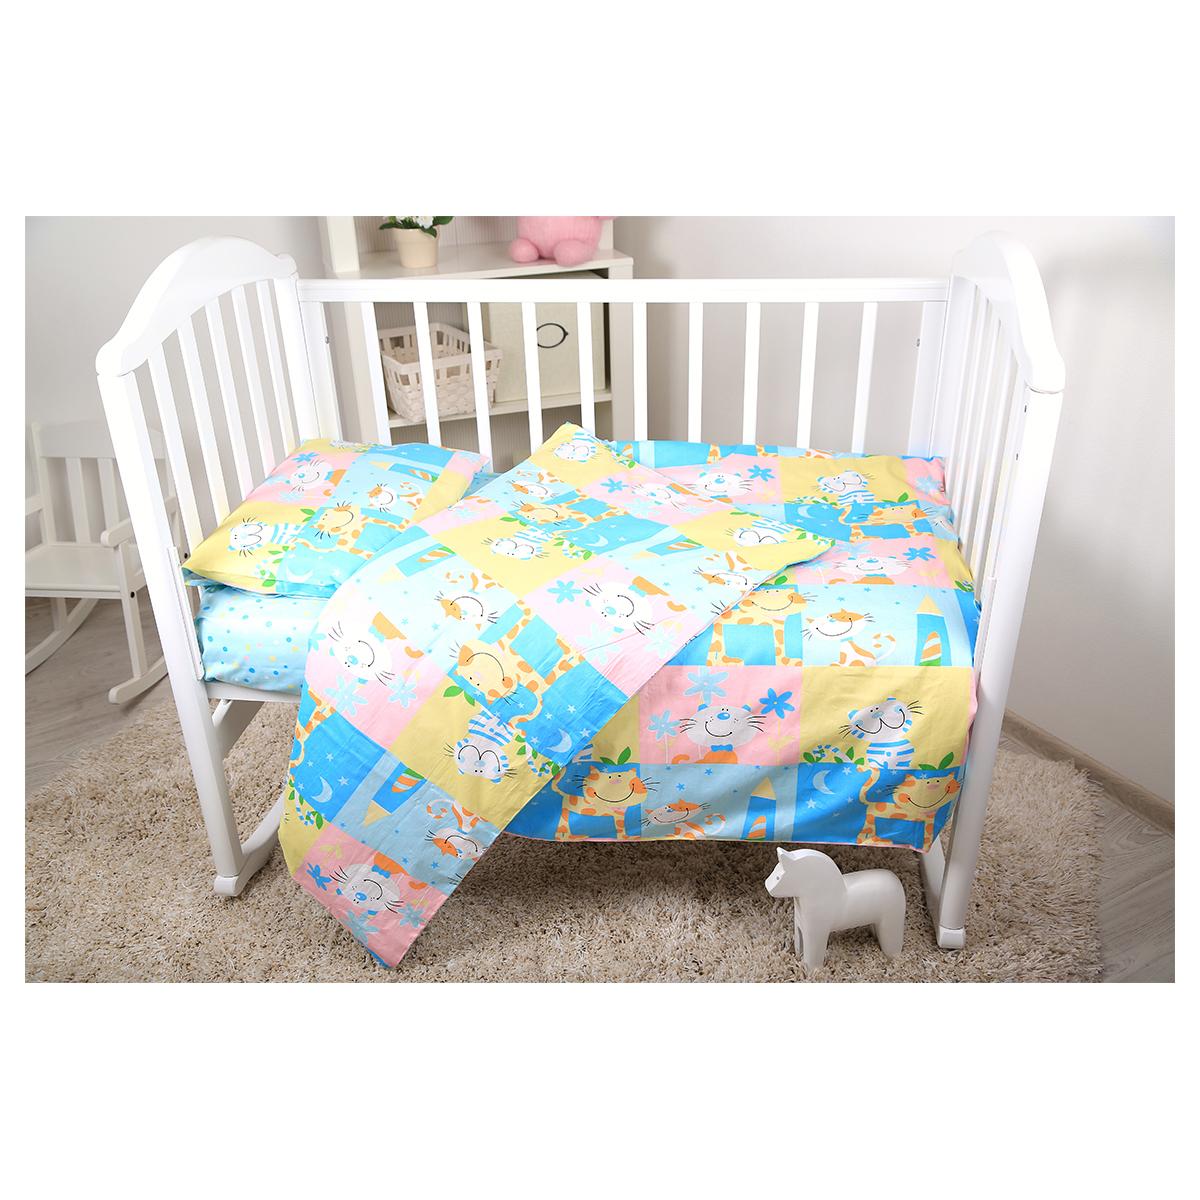 Baby Nice Комплект белья для новорожденных Веселые котята цвет голубой5294Комплект белья для новорожденных Baby Nice Веселые котята - нежный сатин делает детское постельное белье мягкими и шелковистыми. Красивое детское постельное белье помогает детям заснуть: они с удовольствием ложатся в кроватку и просыпаются в хорошем настроении. Этому способствуют и замечательные характеристики сатина: гипоаллергенность, отличный влаго- и теплообмен.